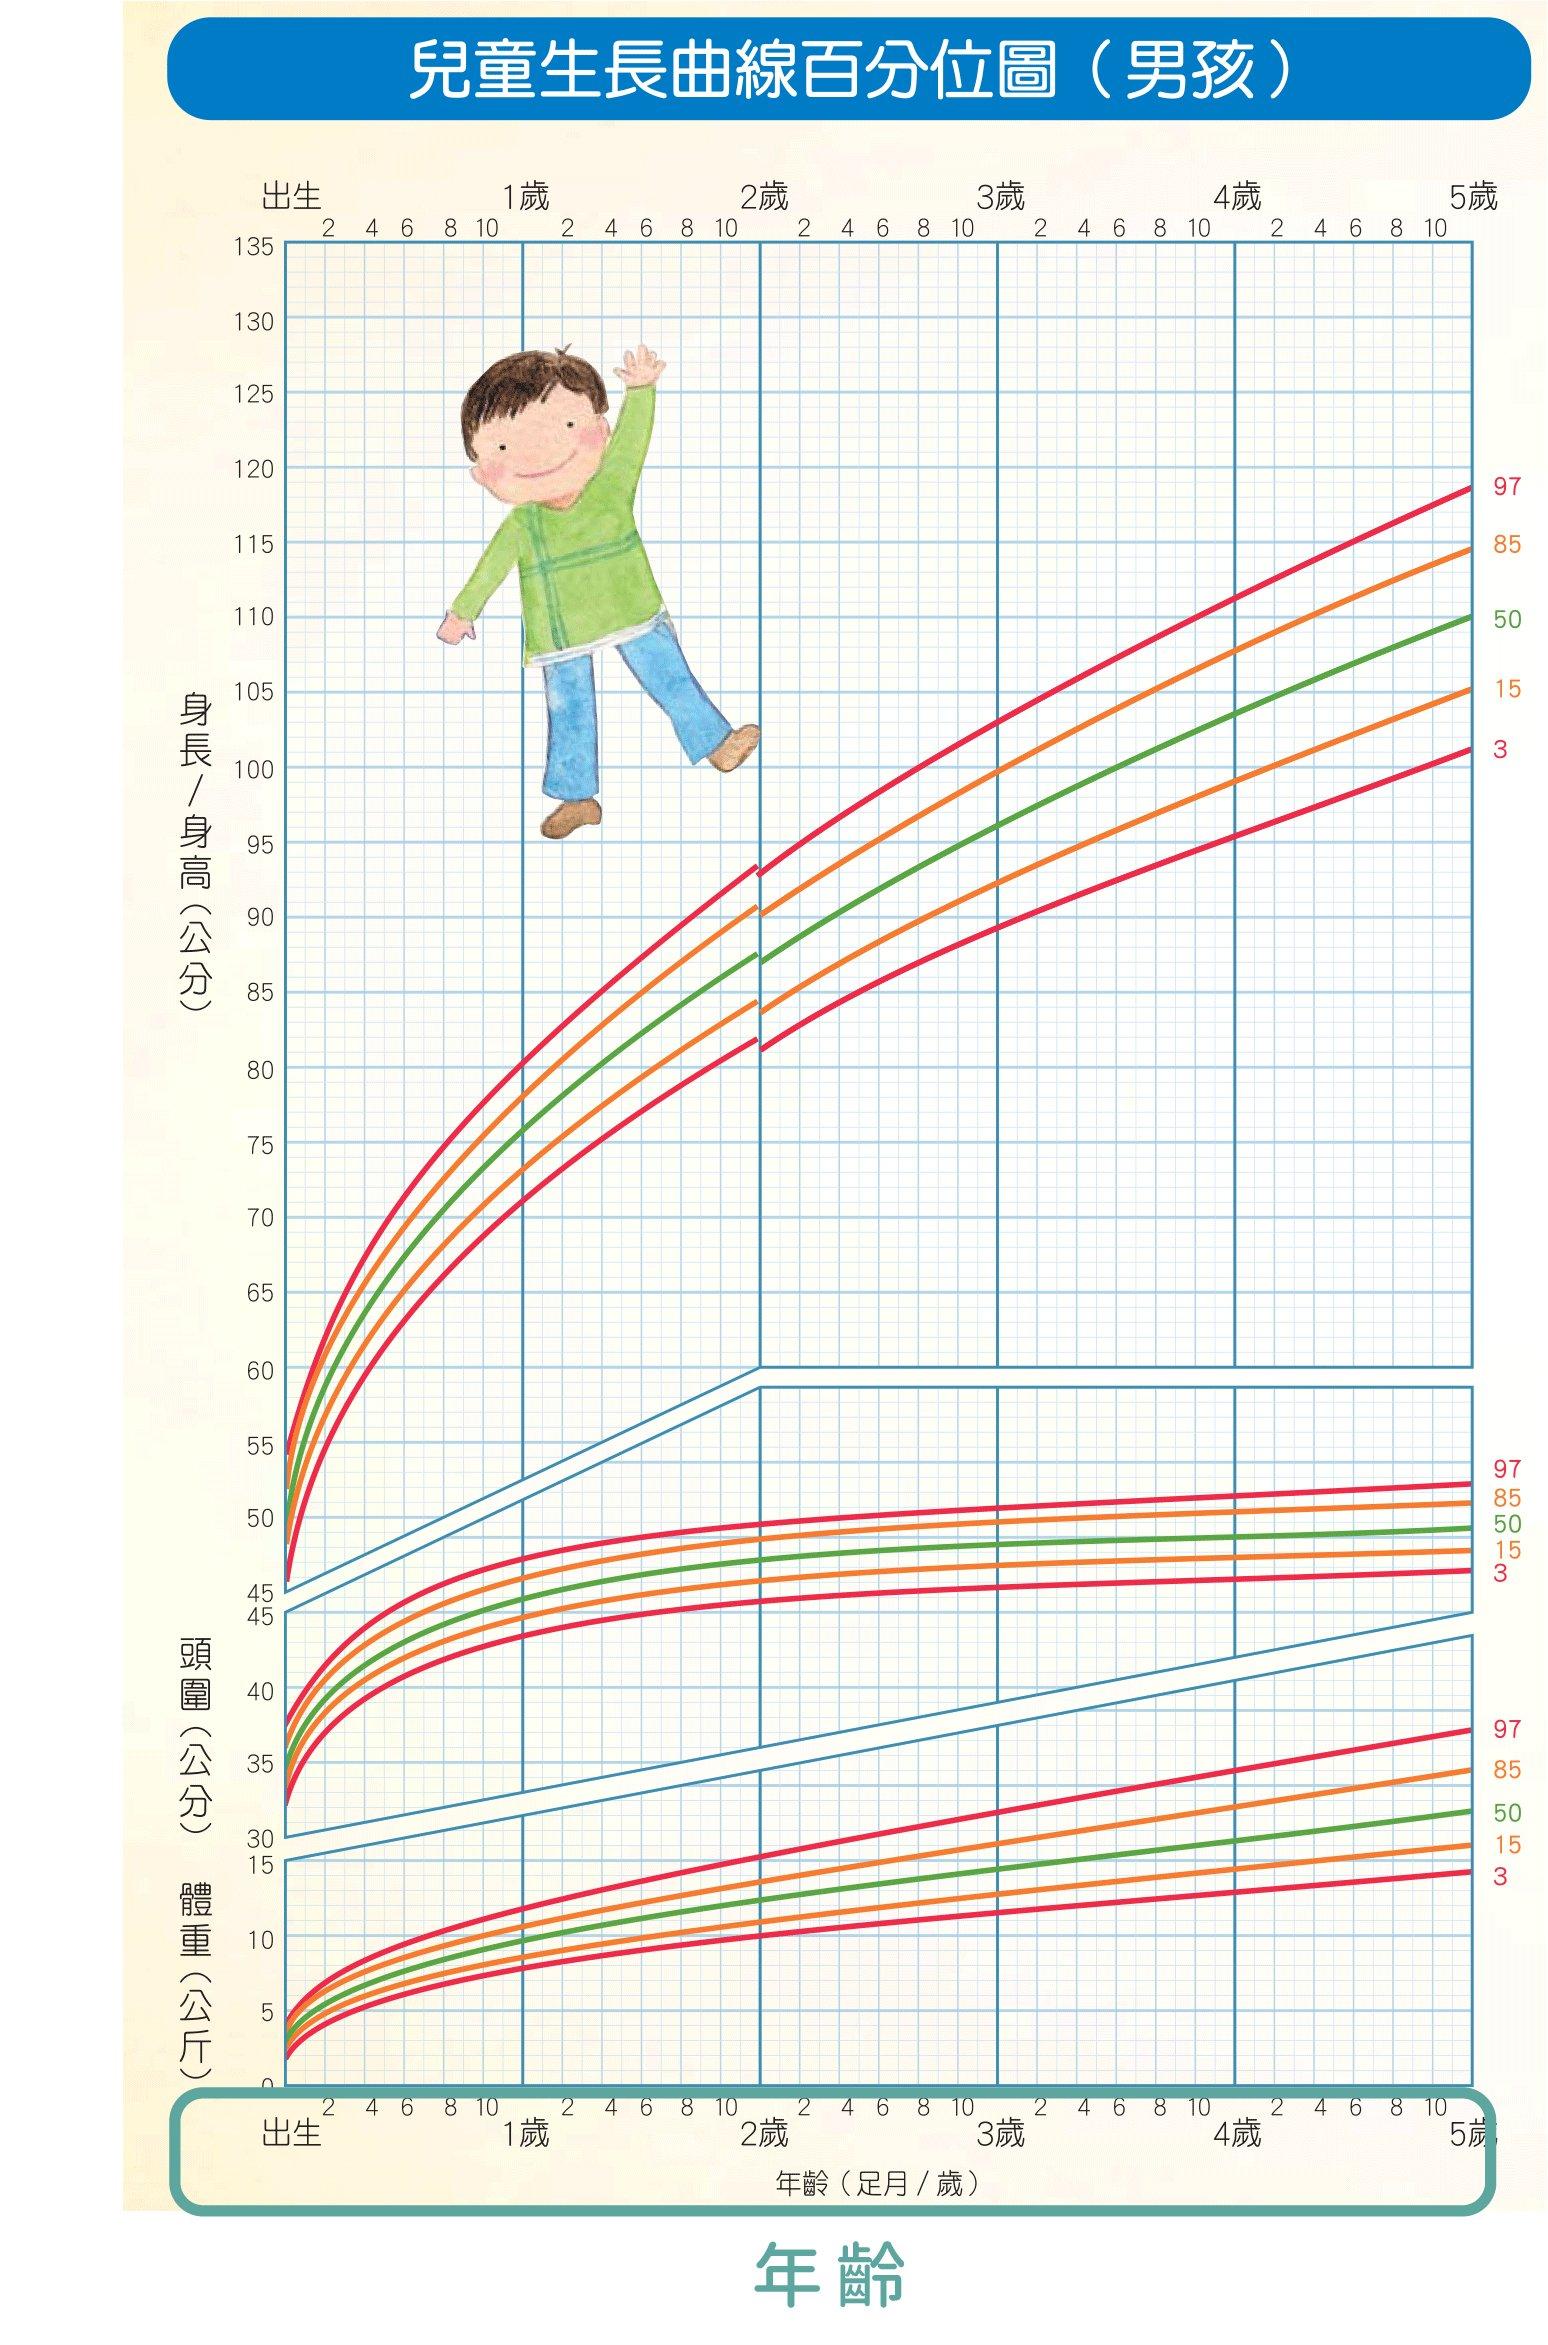 兒童生長曲線橫軸